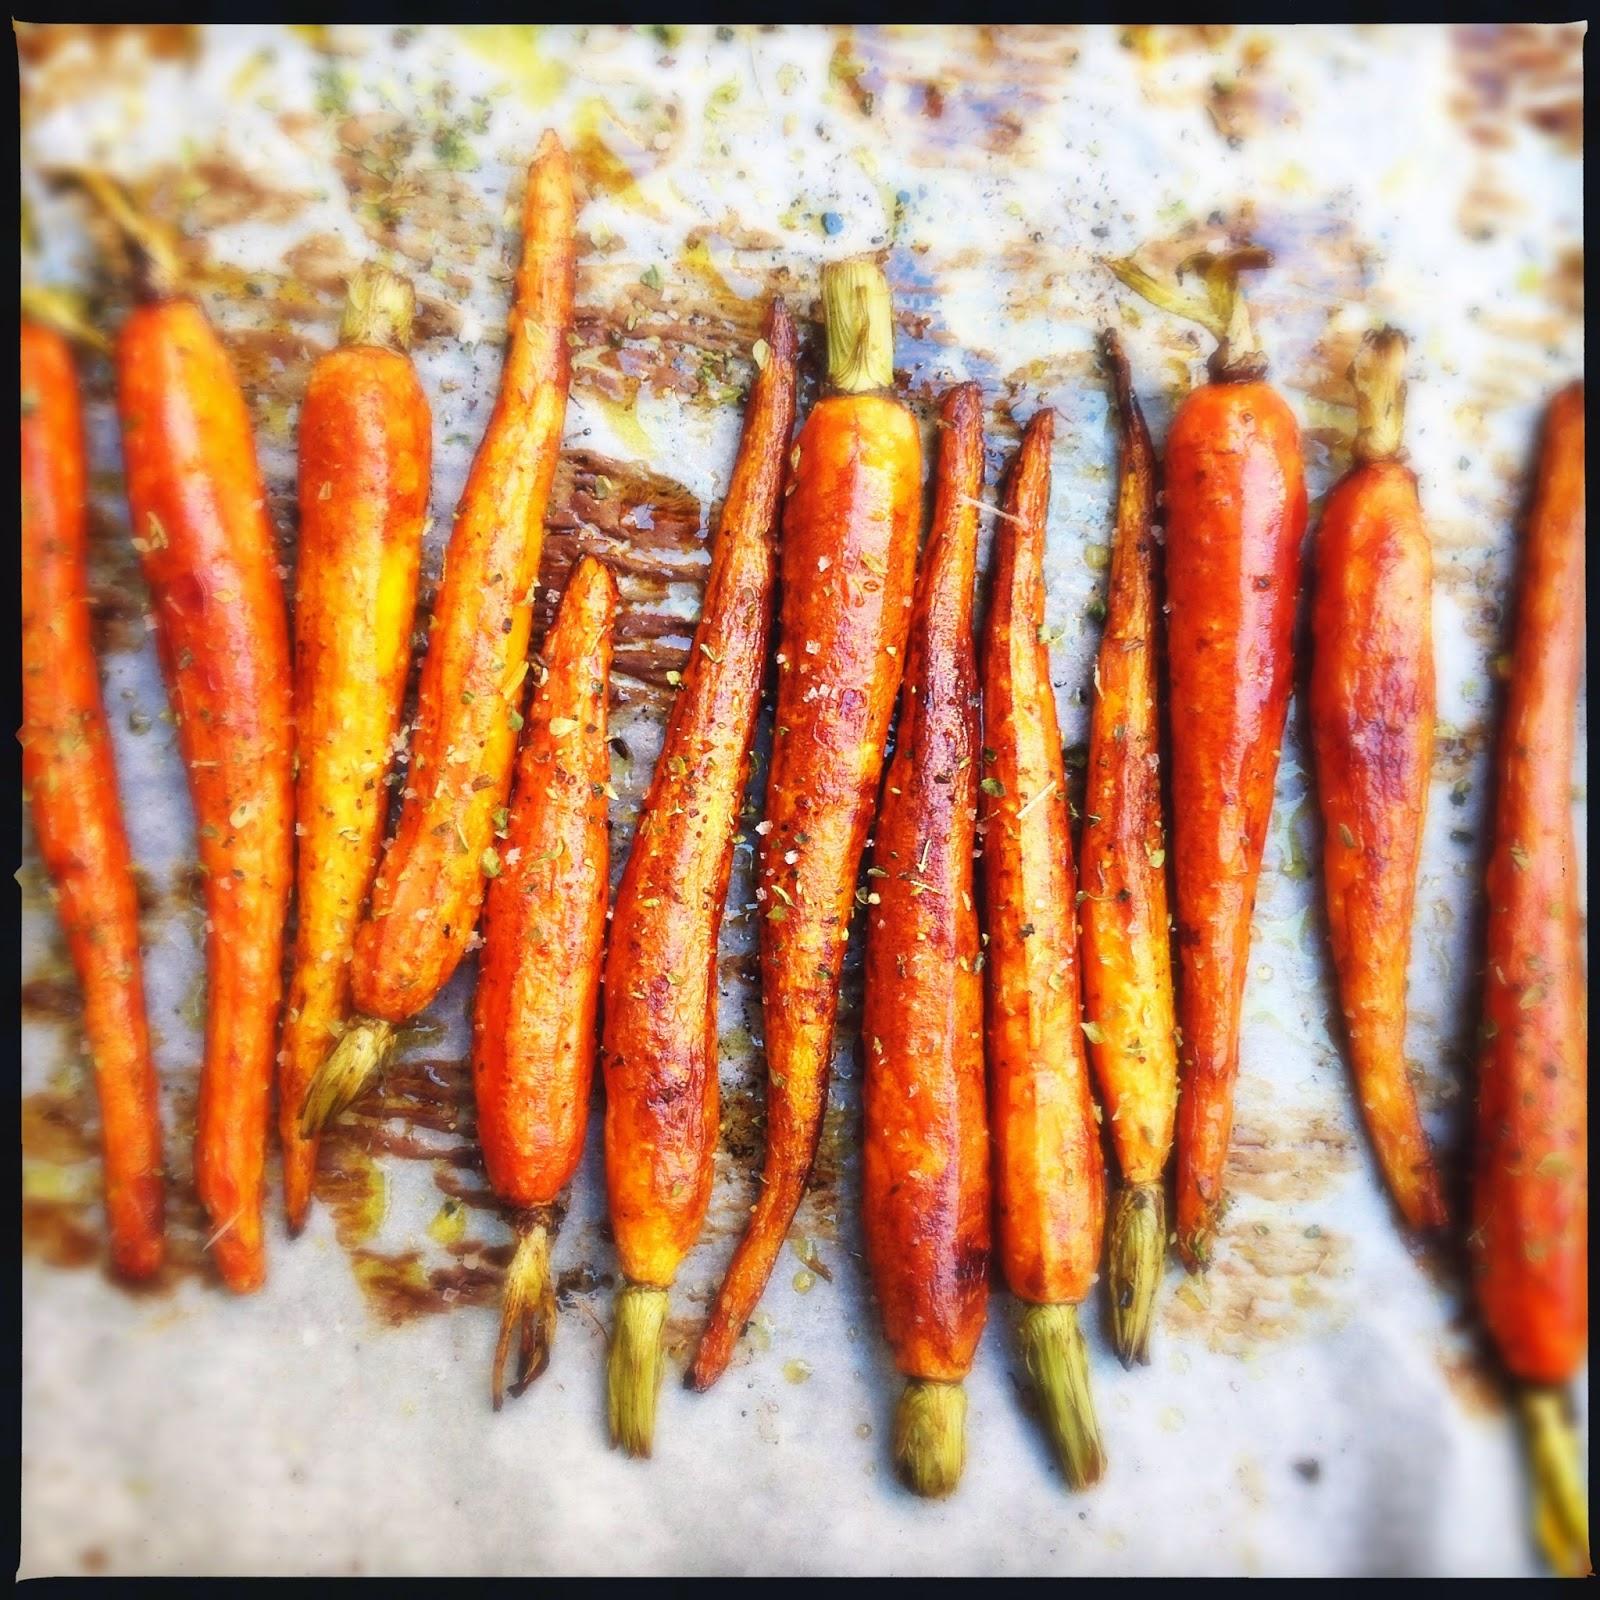 Ma cuisine moi carottes glac es au four for Cuisine entiere